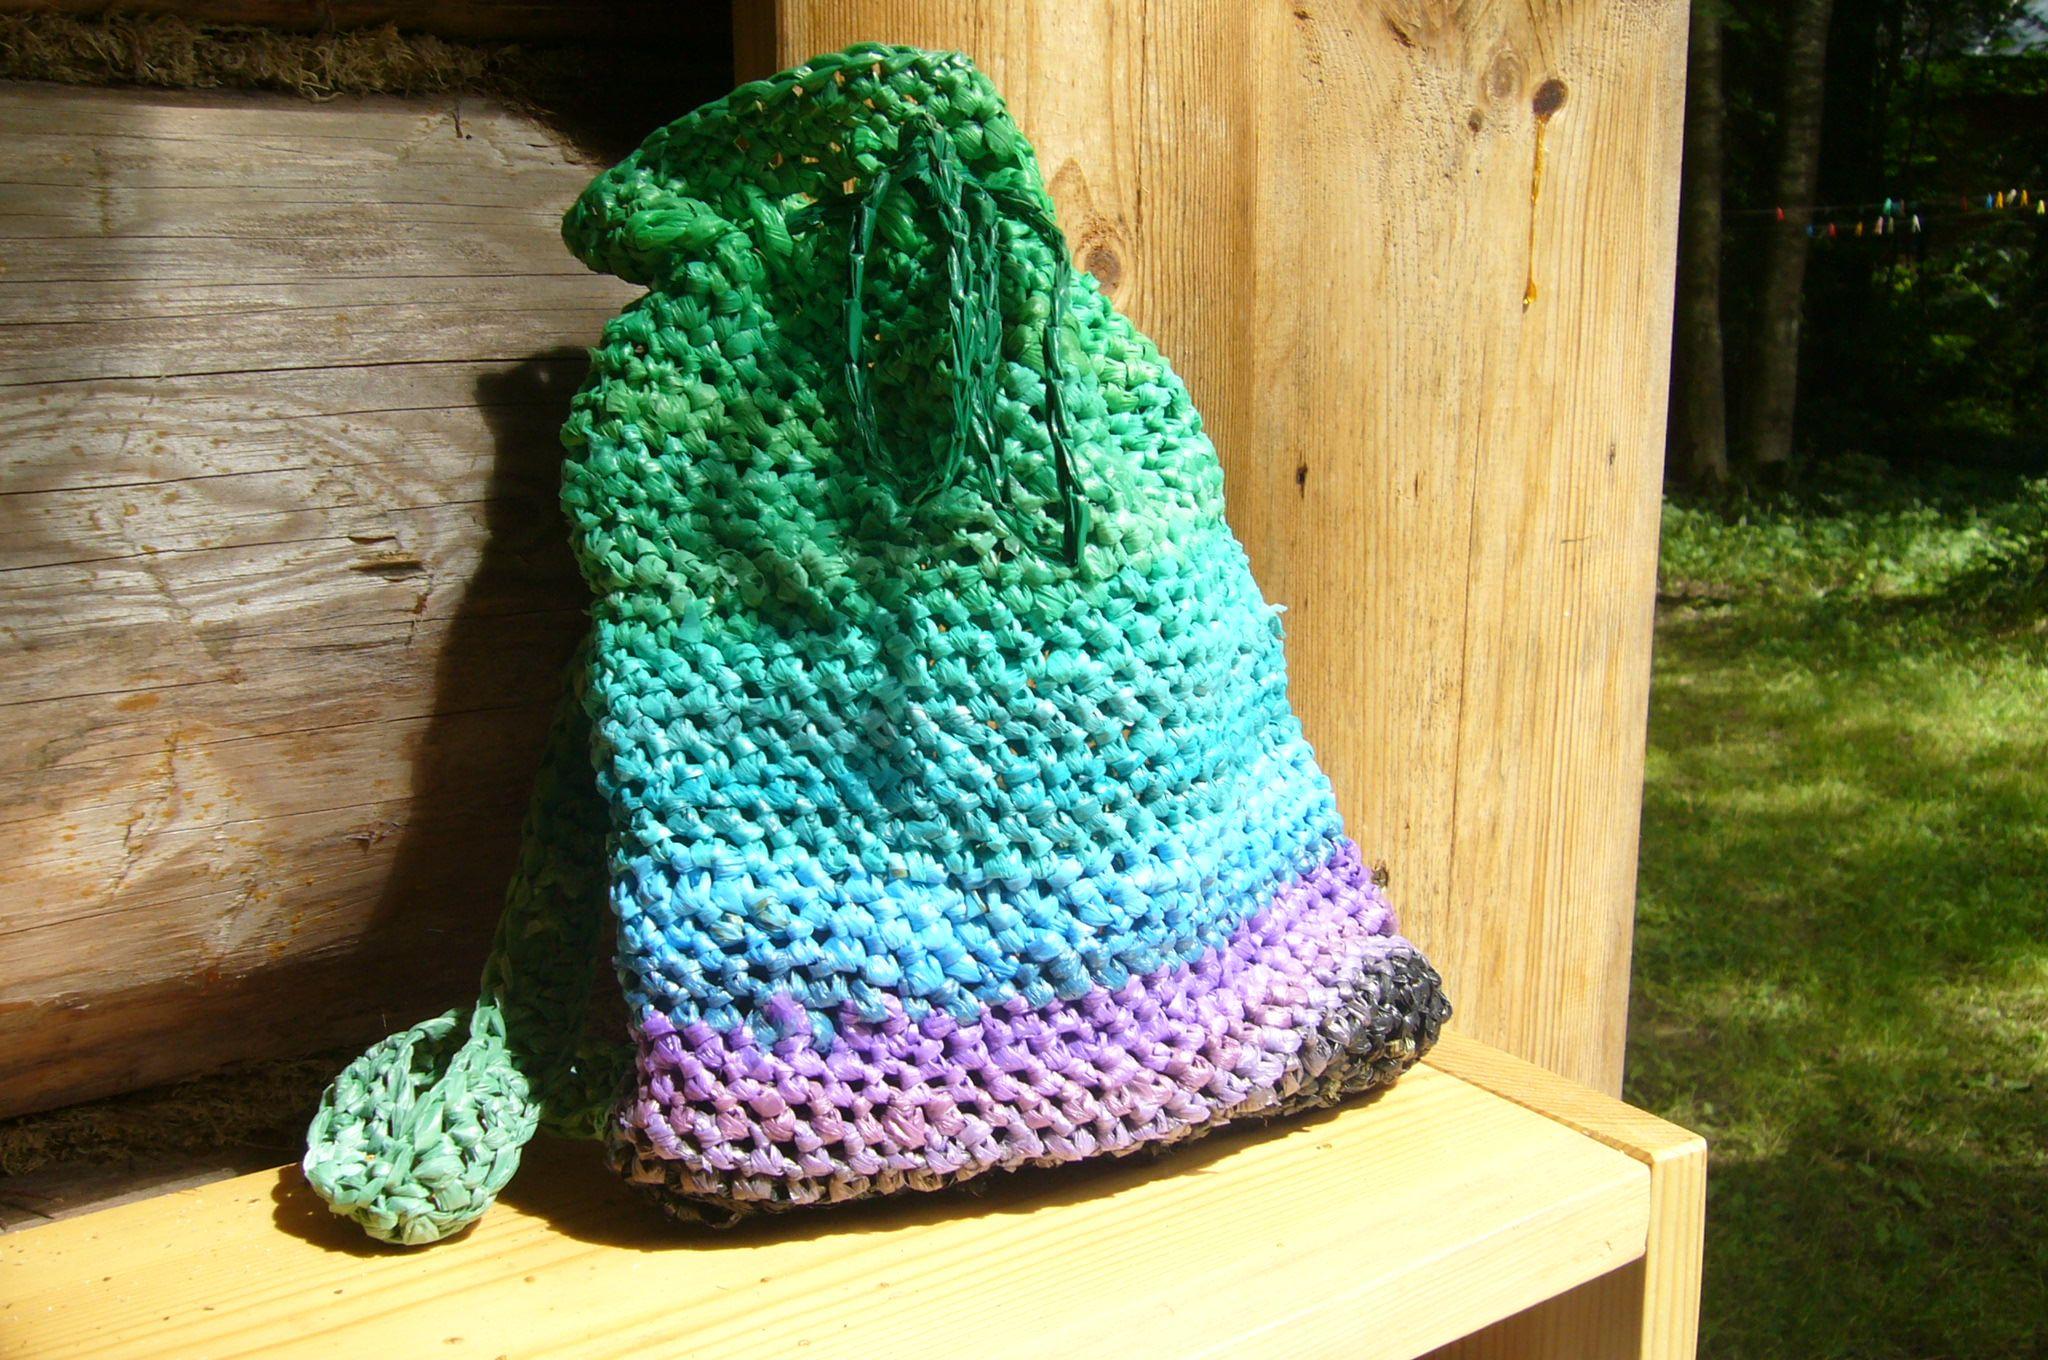 Crochet Bags Pinterest : Crochet Bags Pinterest Rachael Edwards